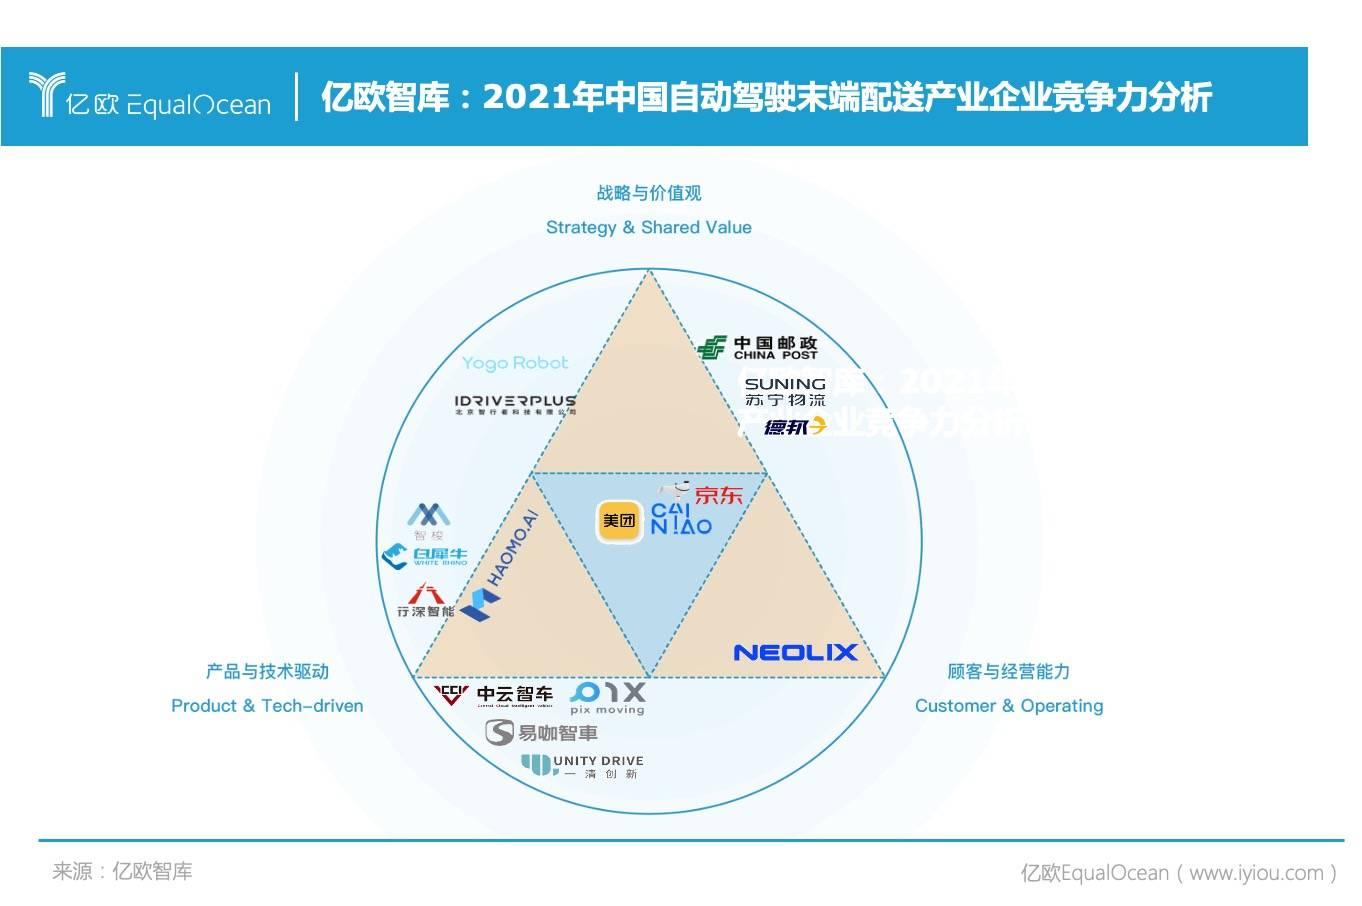 亿欧智库:2021年中国自动驾驶末端配送产业企业竞争力分析